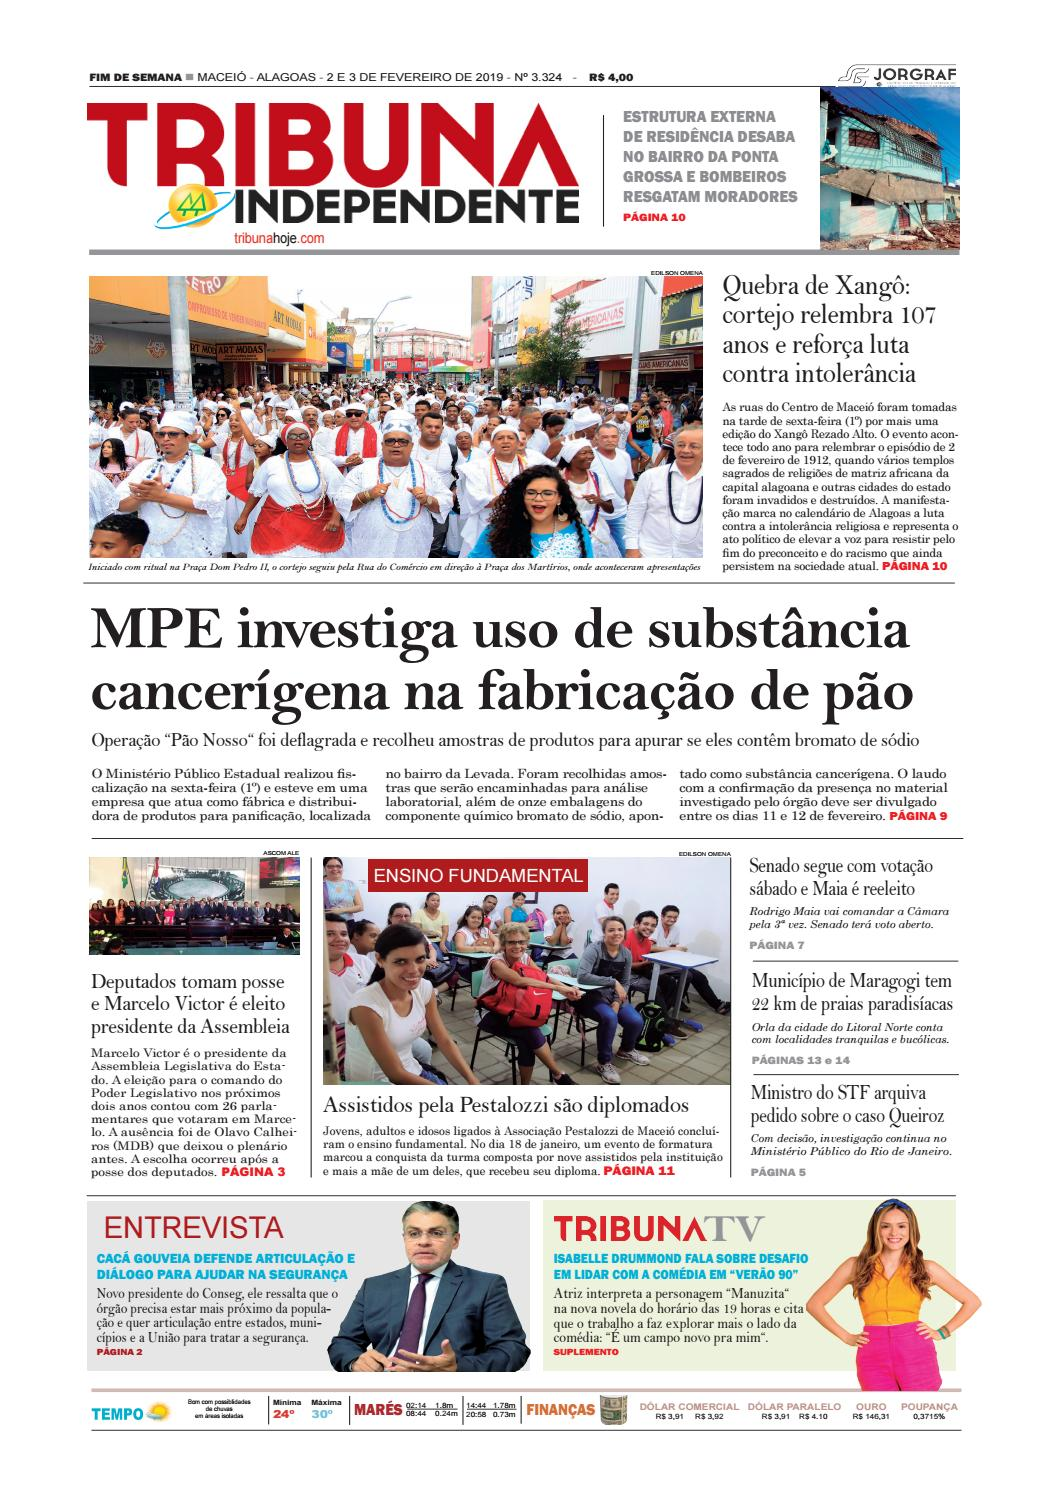 Edição número 3324 - 2 e 3 de fevereiro de 2019 by Tribuna Hoje - issuu 8bfa0d6dd875e